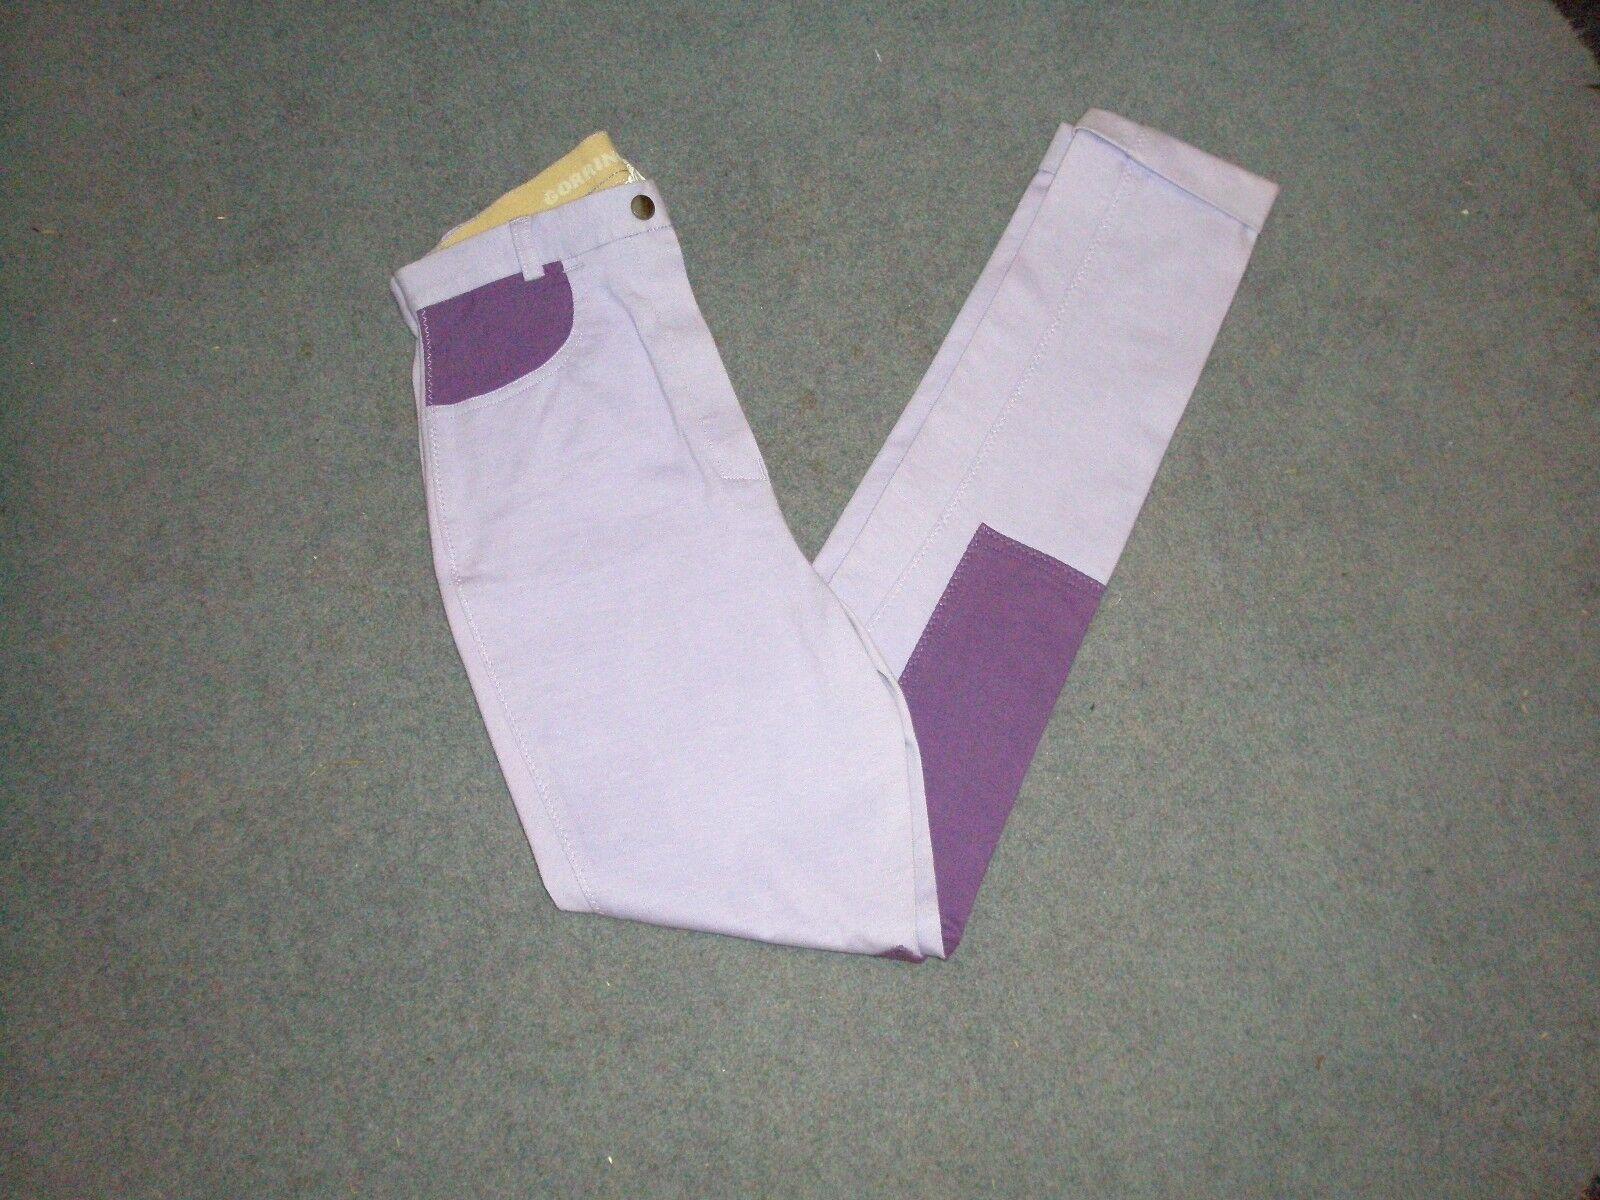 Gorringe Ladies Summer Light Jodhpurs purplec and Purple